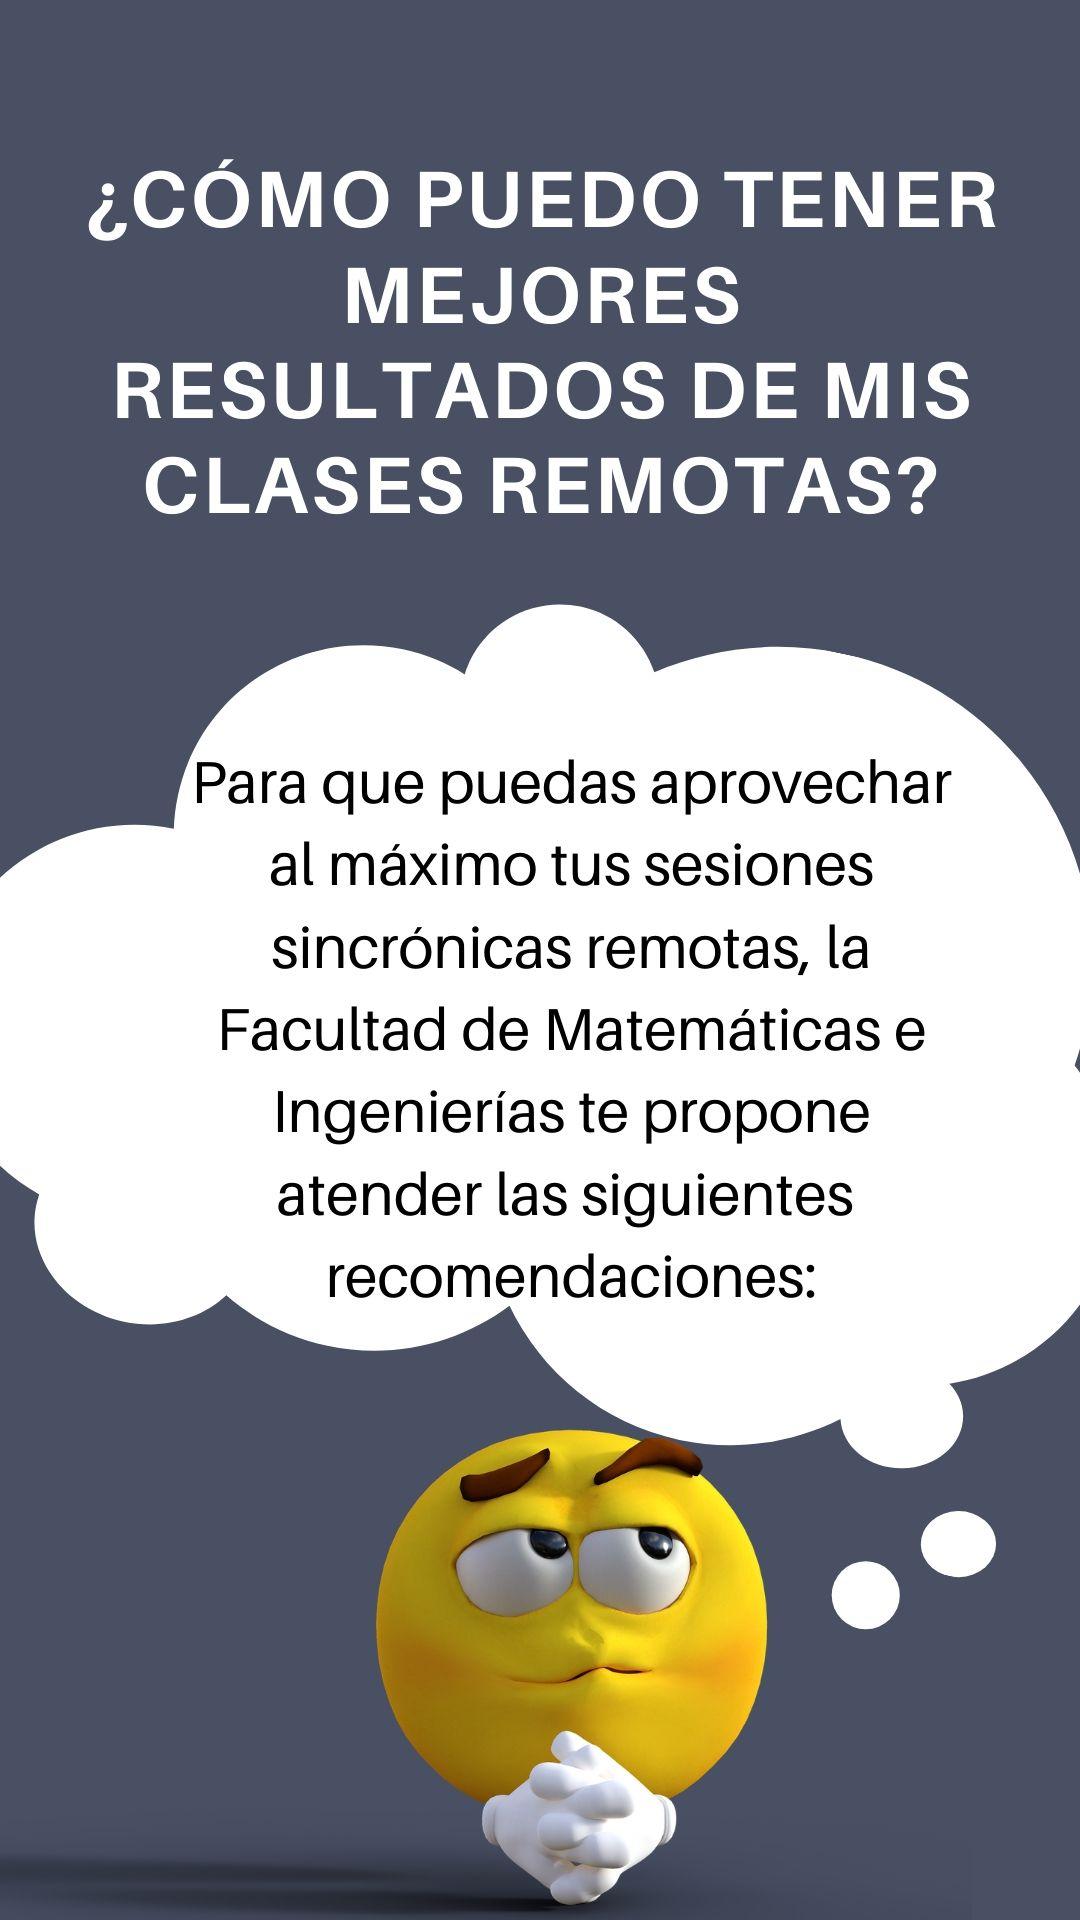 Consejos clases remotas